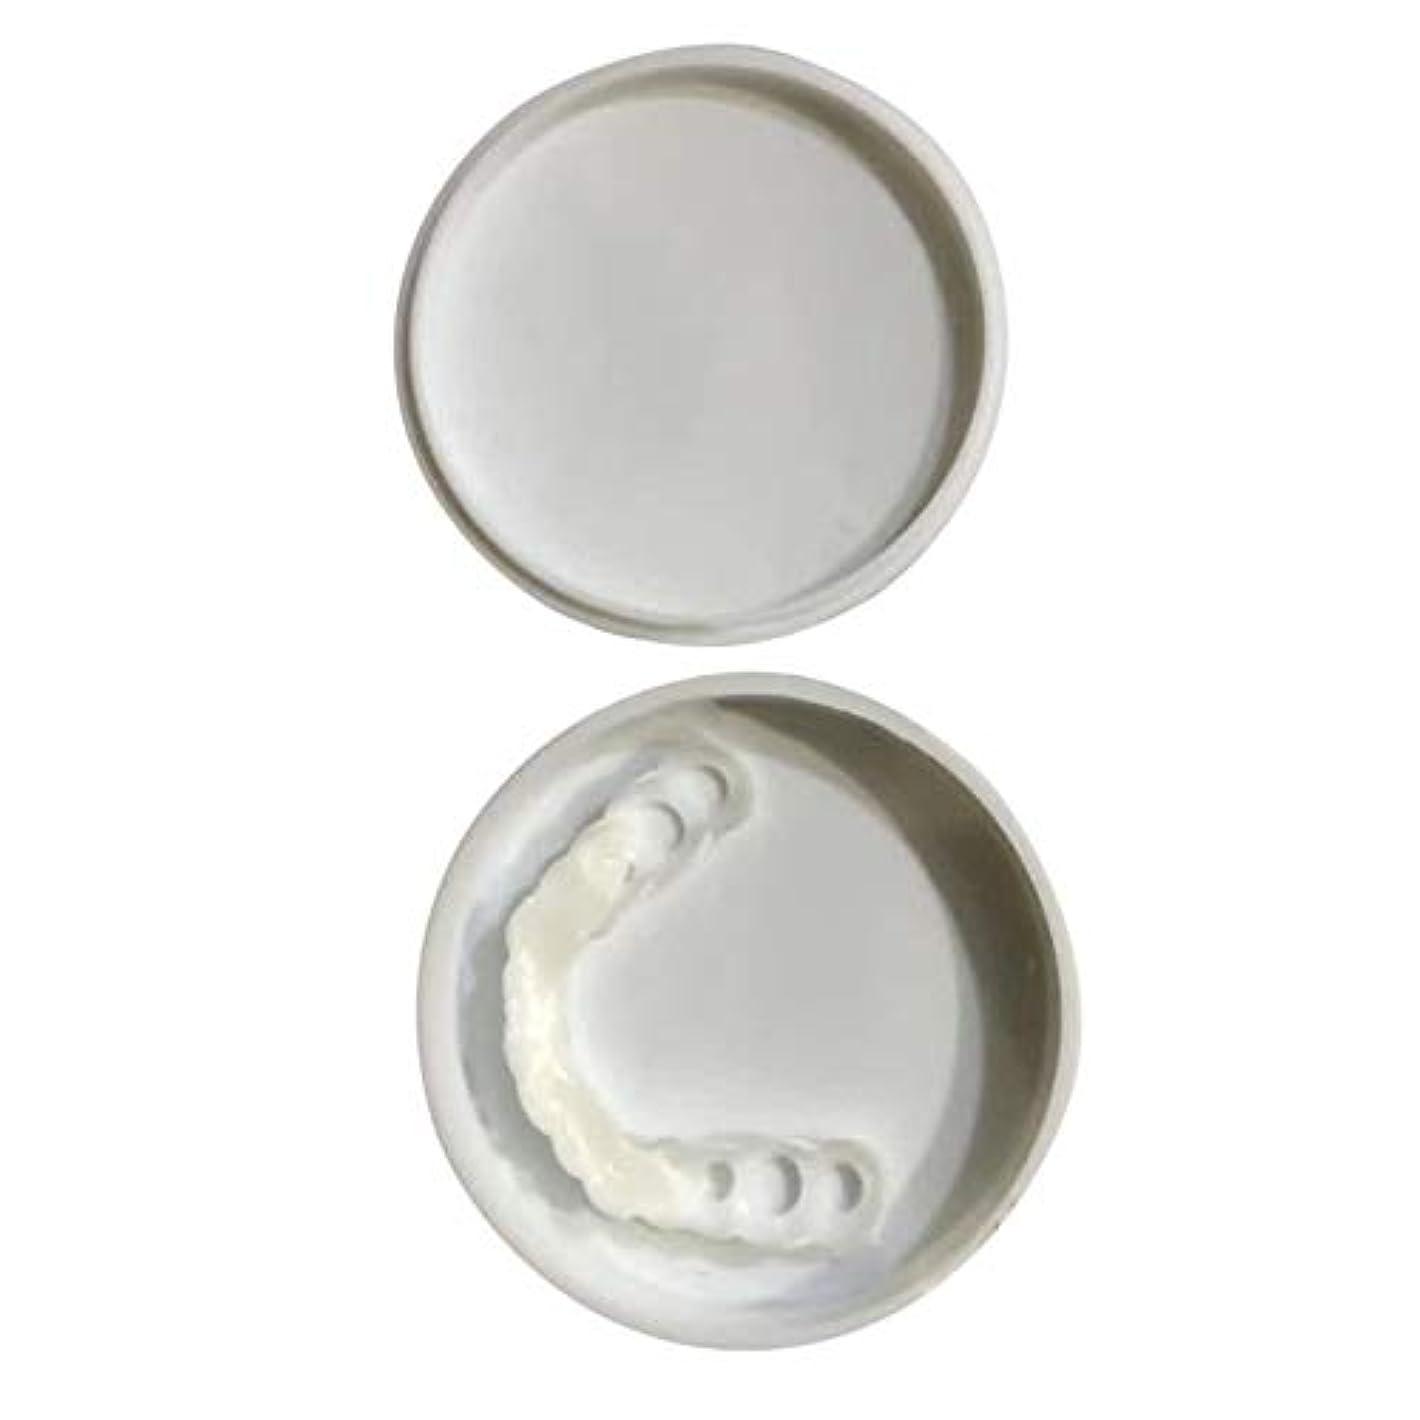 相互取り扱いけがをする快適なスナップオン男性女性歯インスタントパーフェクトスマイルコンフォートフィットフレックス歯フィットホワイトニング笑顔偽歯カバー - ホワイト